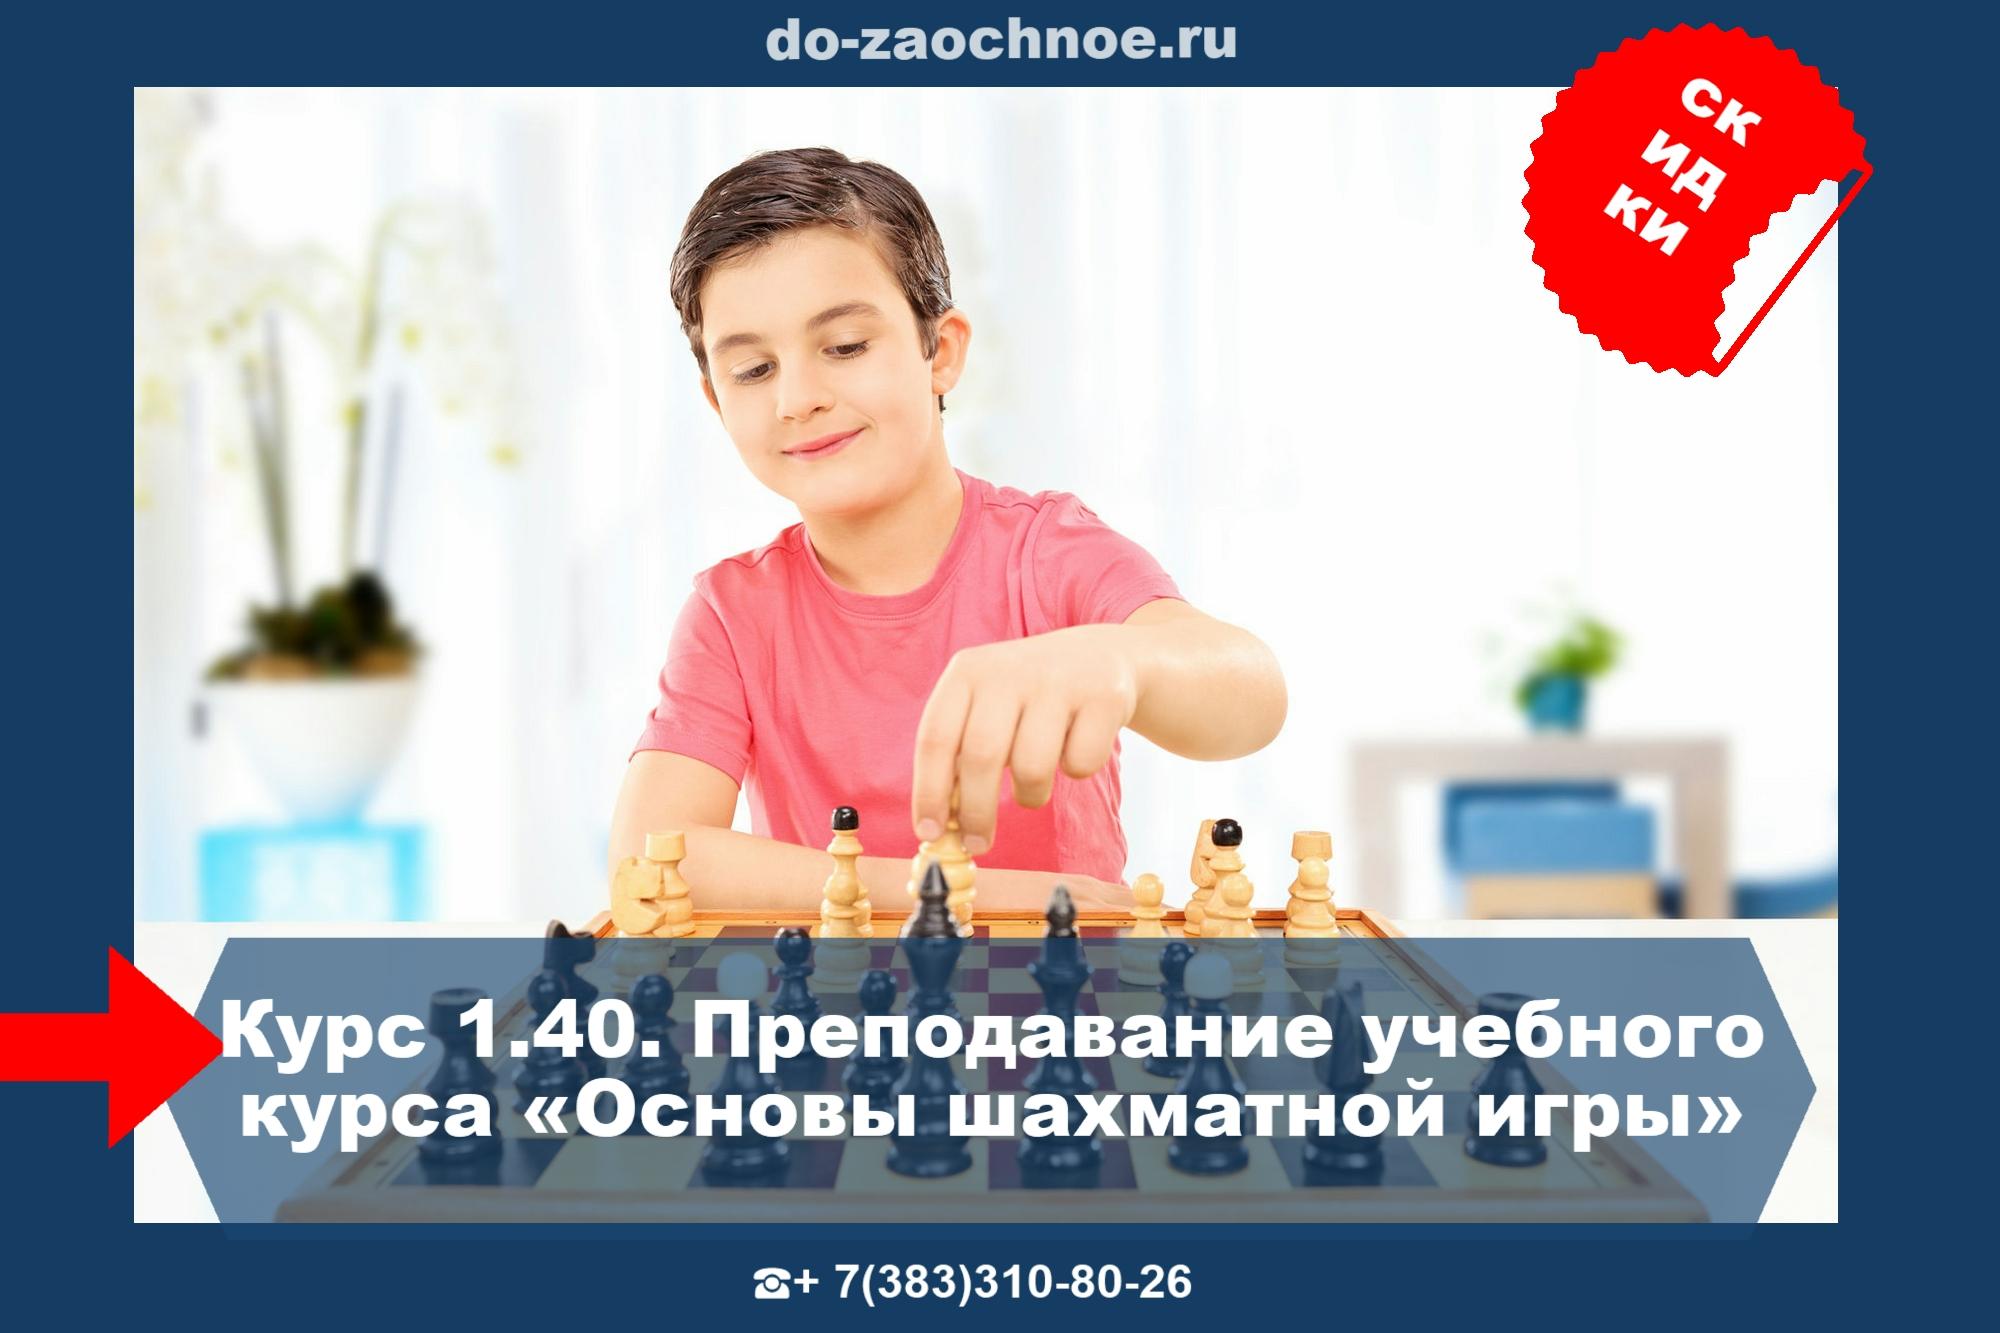 Основы шахматной игры. Дистанционные курсы ИДПК